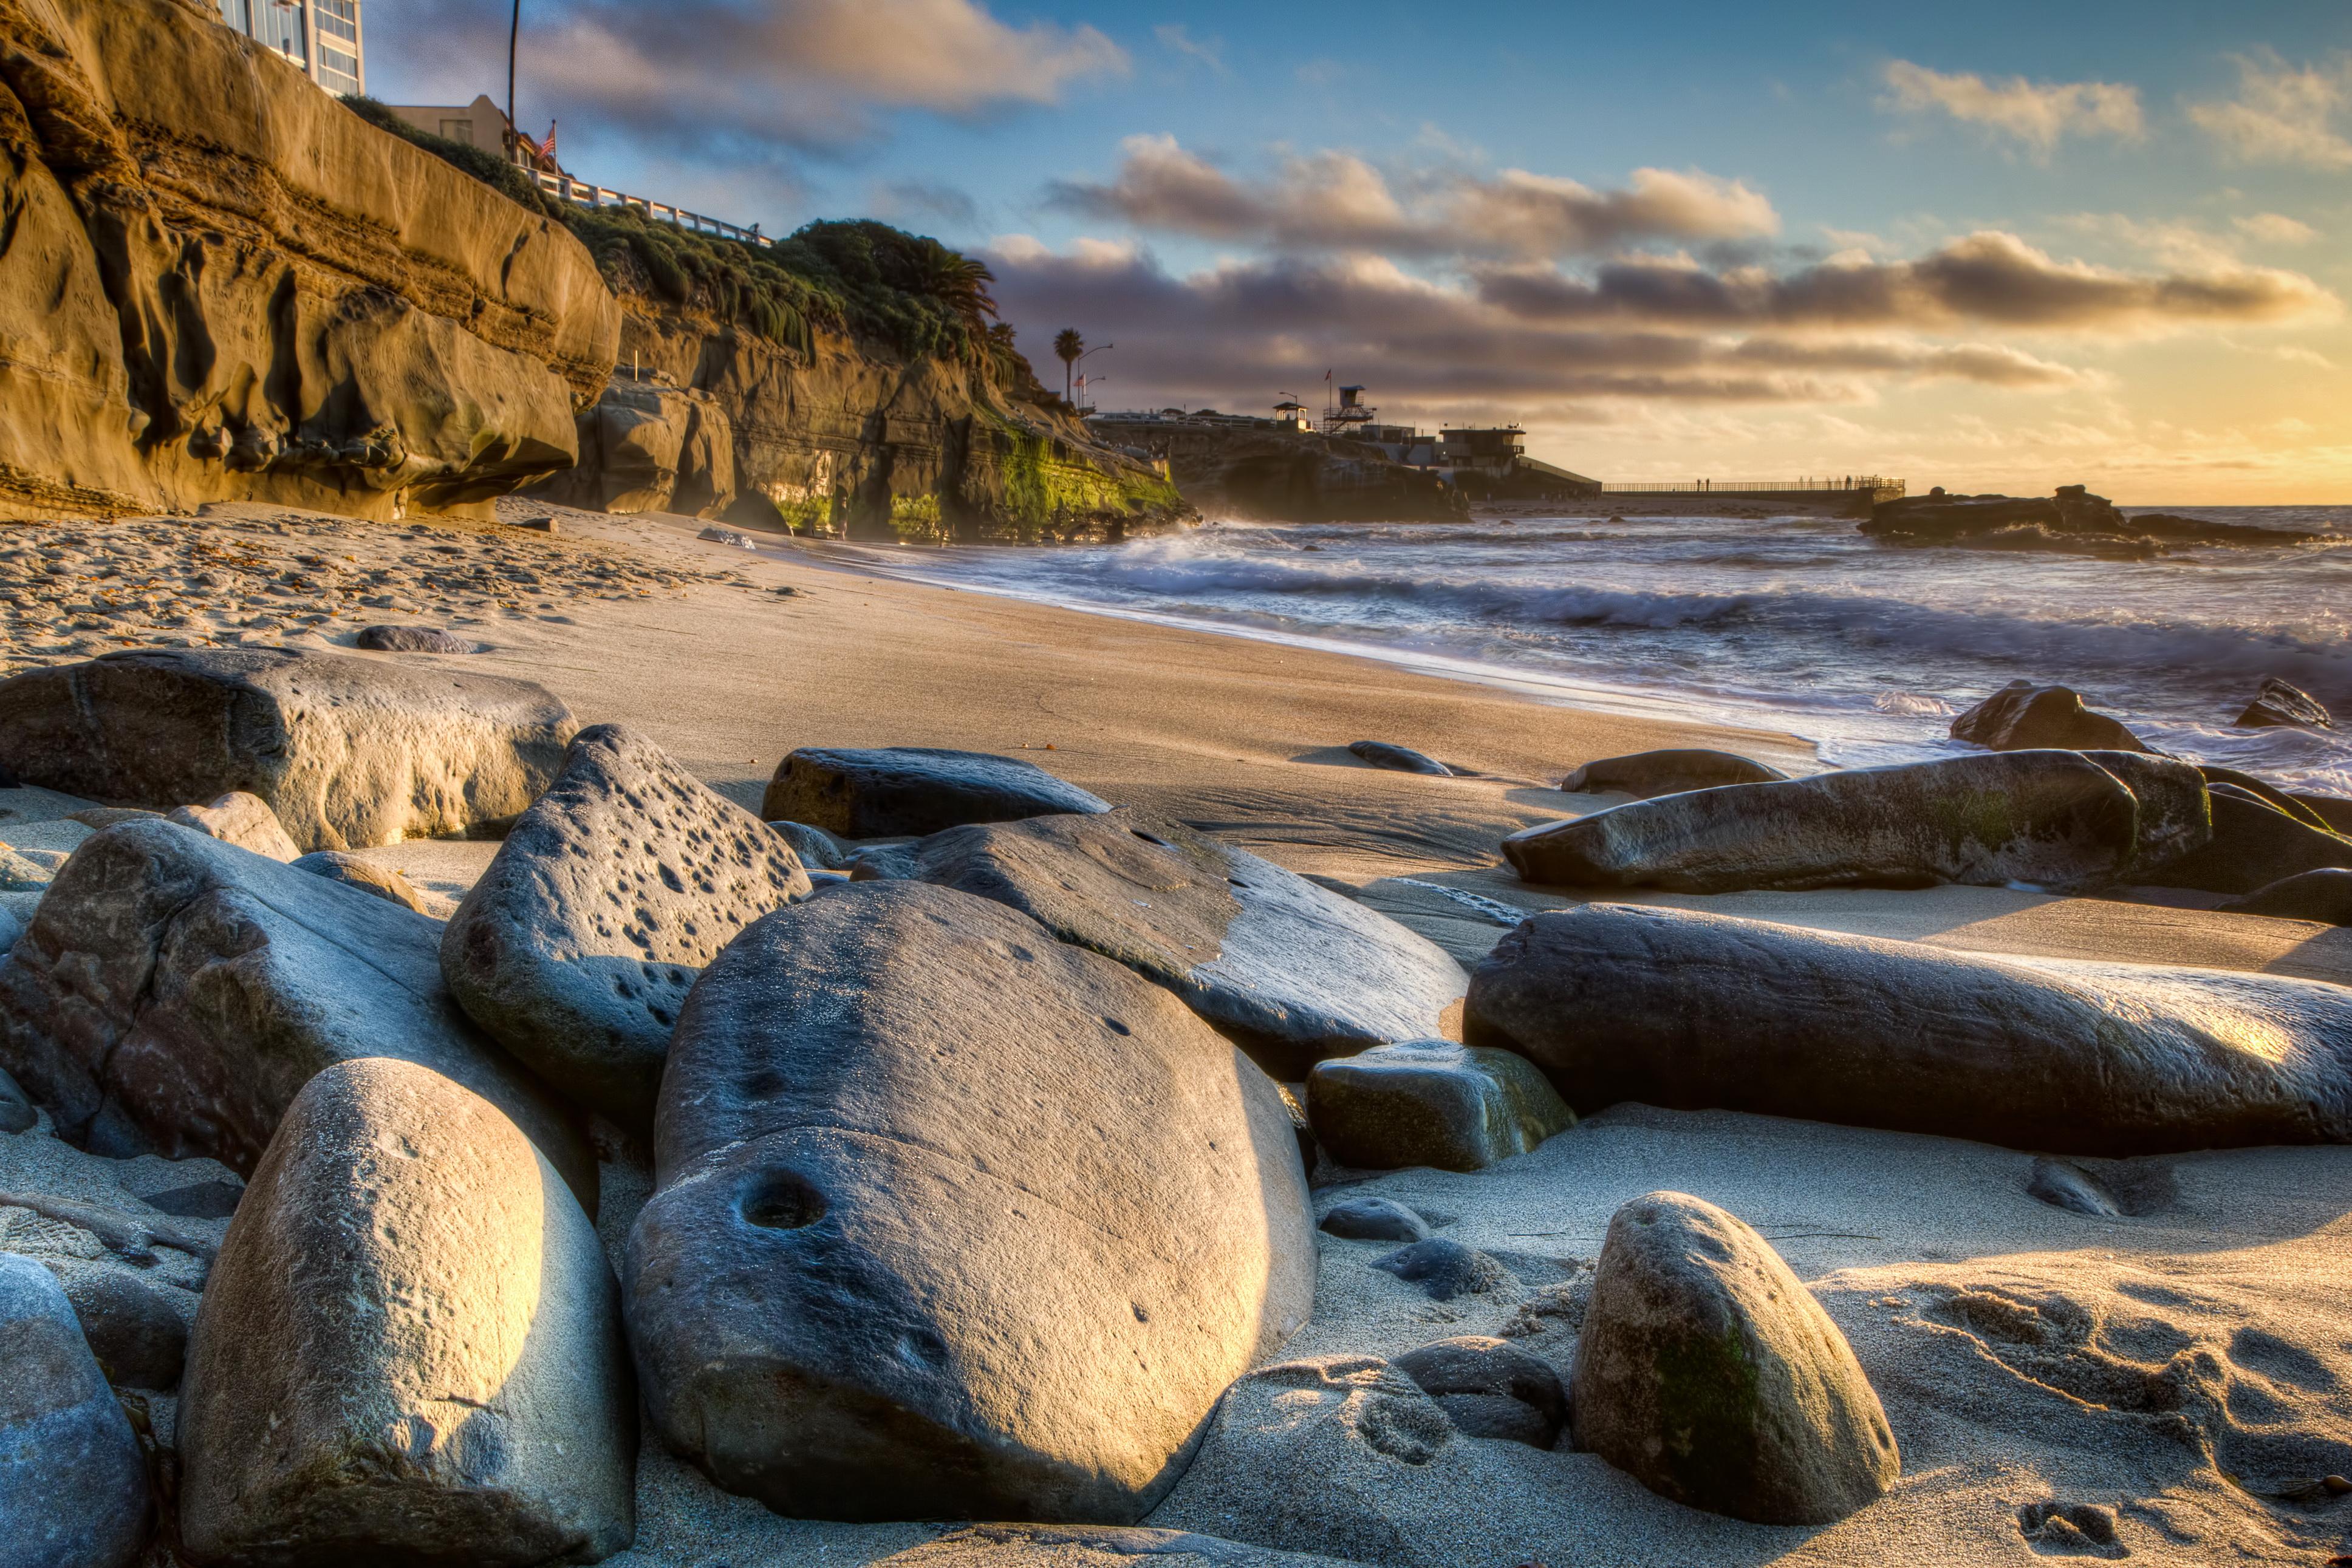 берег песок камушки без смс